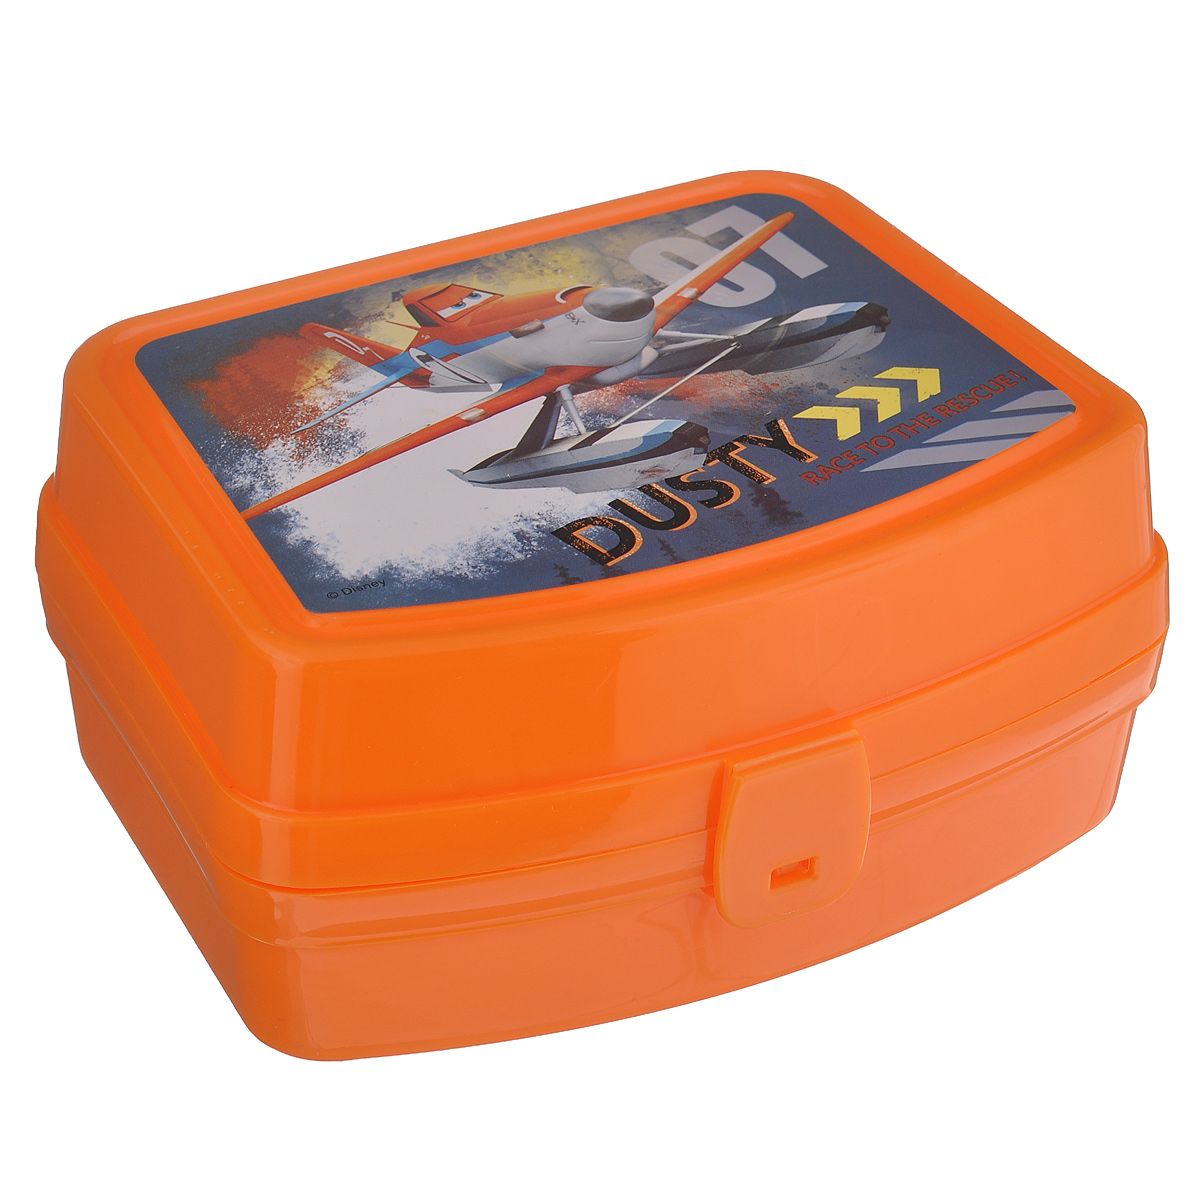 Контейнер Альтернатива Самолеты. Дасти, цвет: оранжевый, 17 х 14 х 8 см41619Контейнер Альтернатива Самолеты. Дасти выполнен из плотного пластика и имеет удобную крышку на пластиковой защелке.Этот контейнер очень универсален. В таком контейнере удобно хранить разнообразные продукты, брать с собой на работу, учебу. Он обеспечивает герметичность и надежность хранения продуктов. Также контейнер можно использовать хранения карандашей, ручек, фломастеров. Веселый дизайн контейнера порадует вашего ребенка.